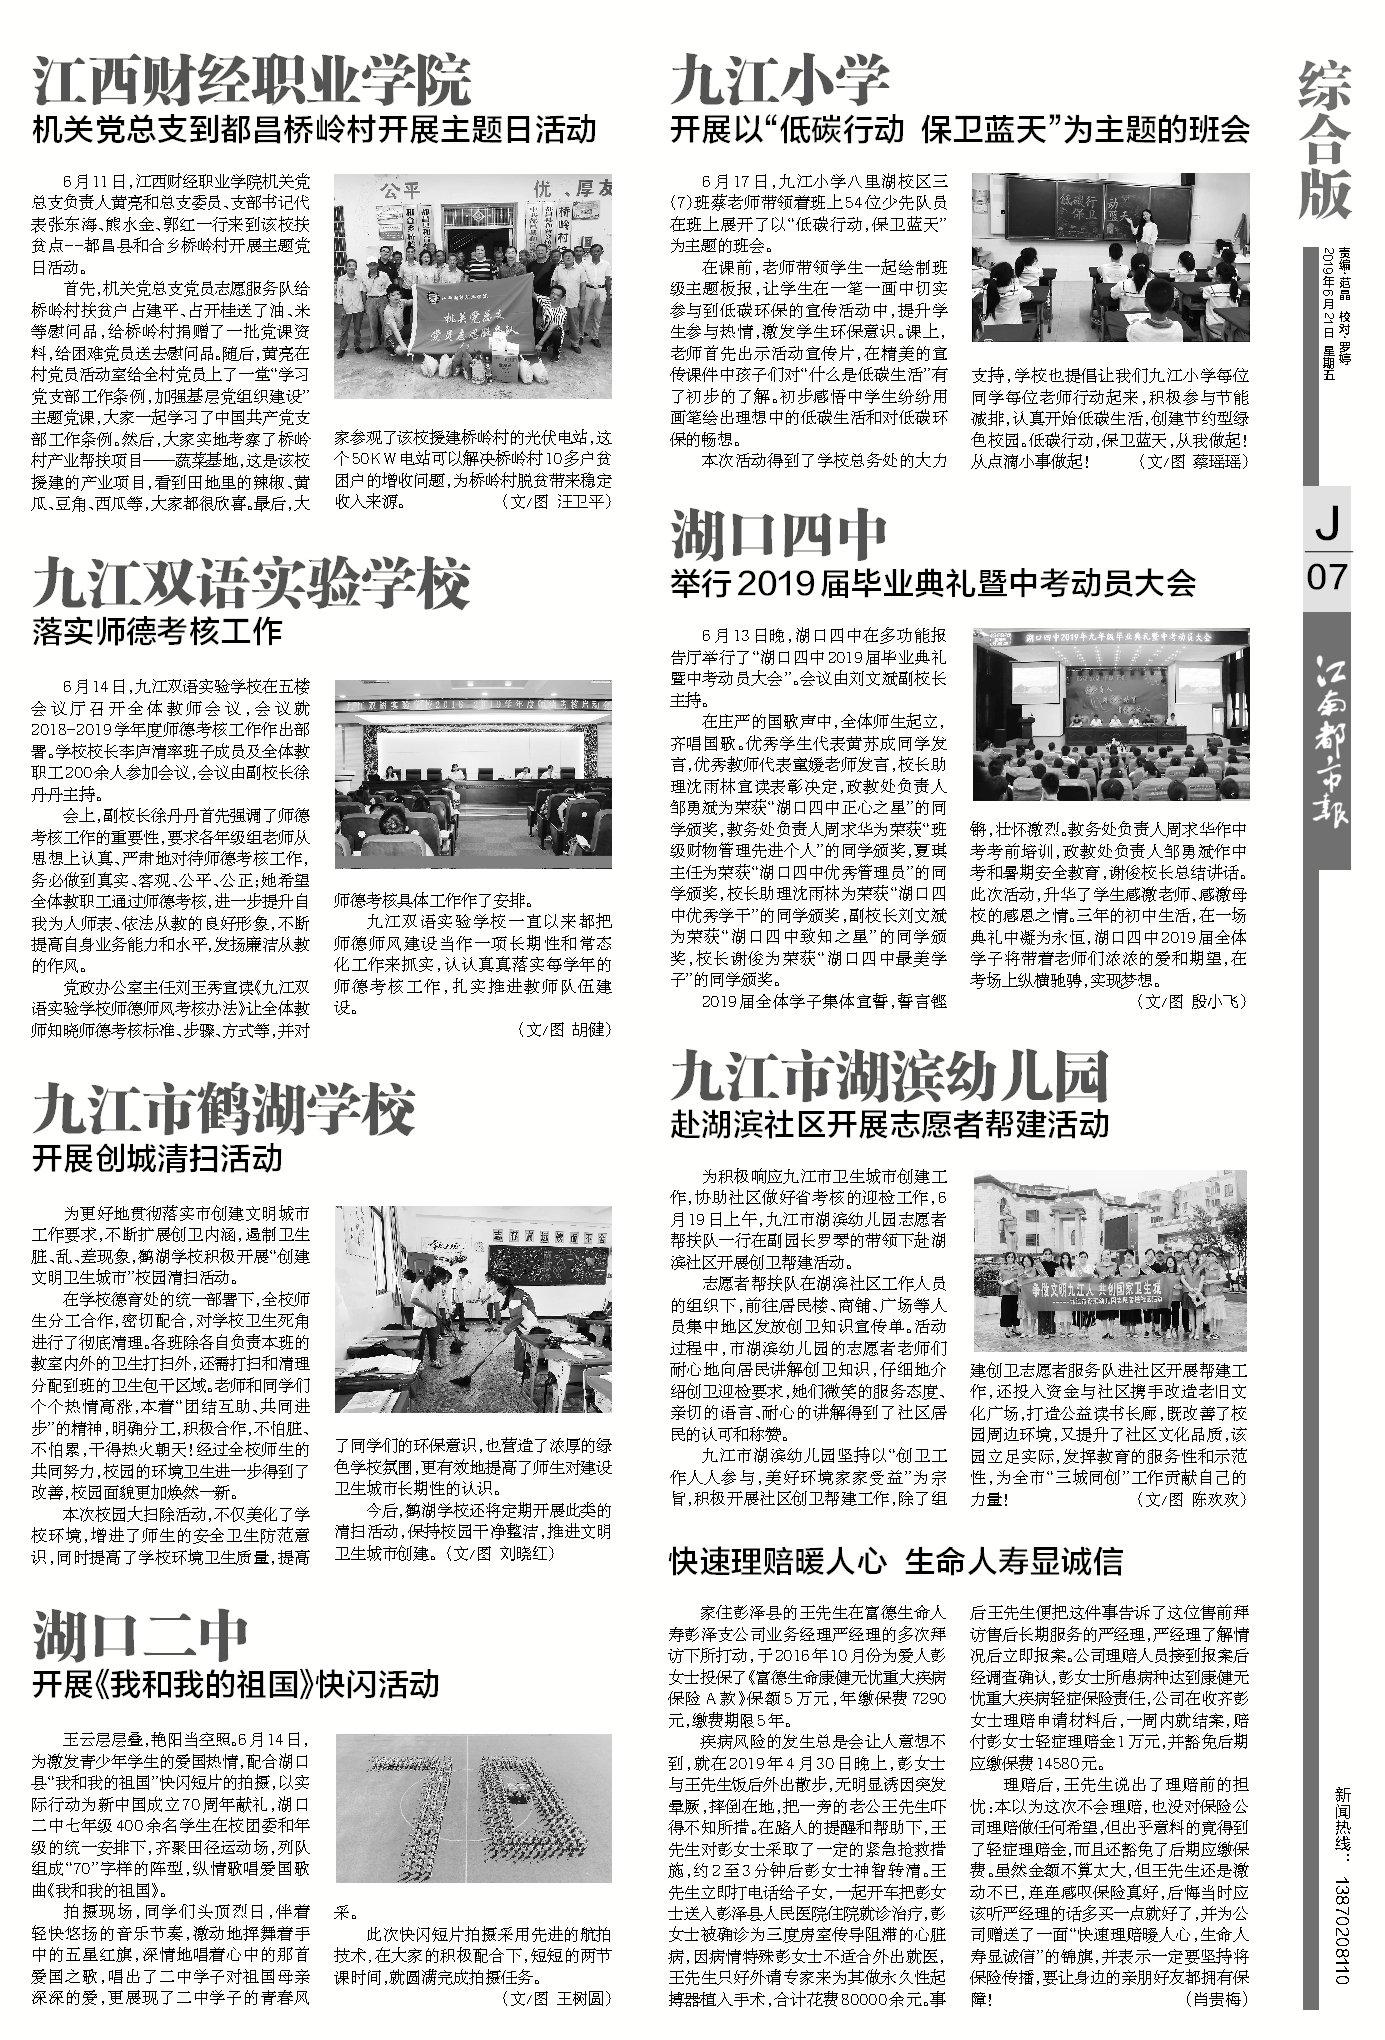 2019年6月21日江南都市报《亚博体育app苹果新闻》综合版